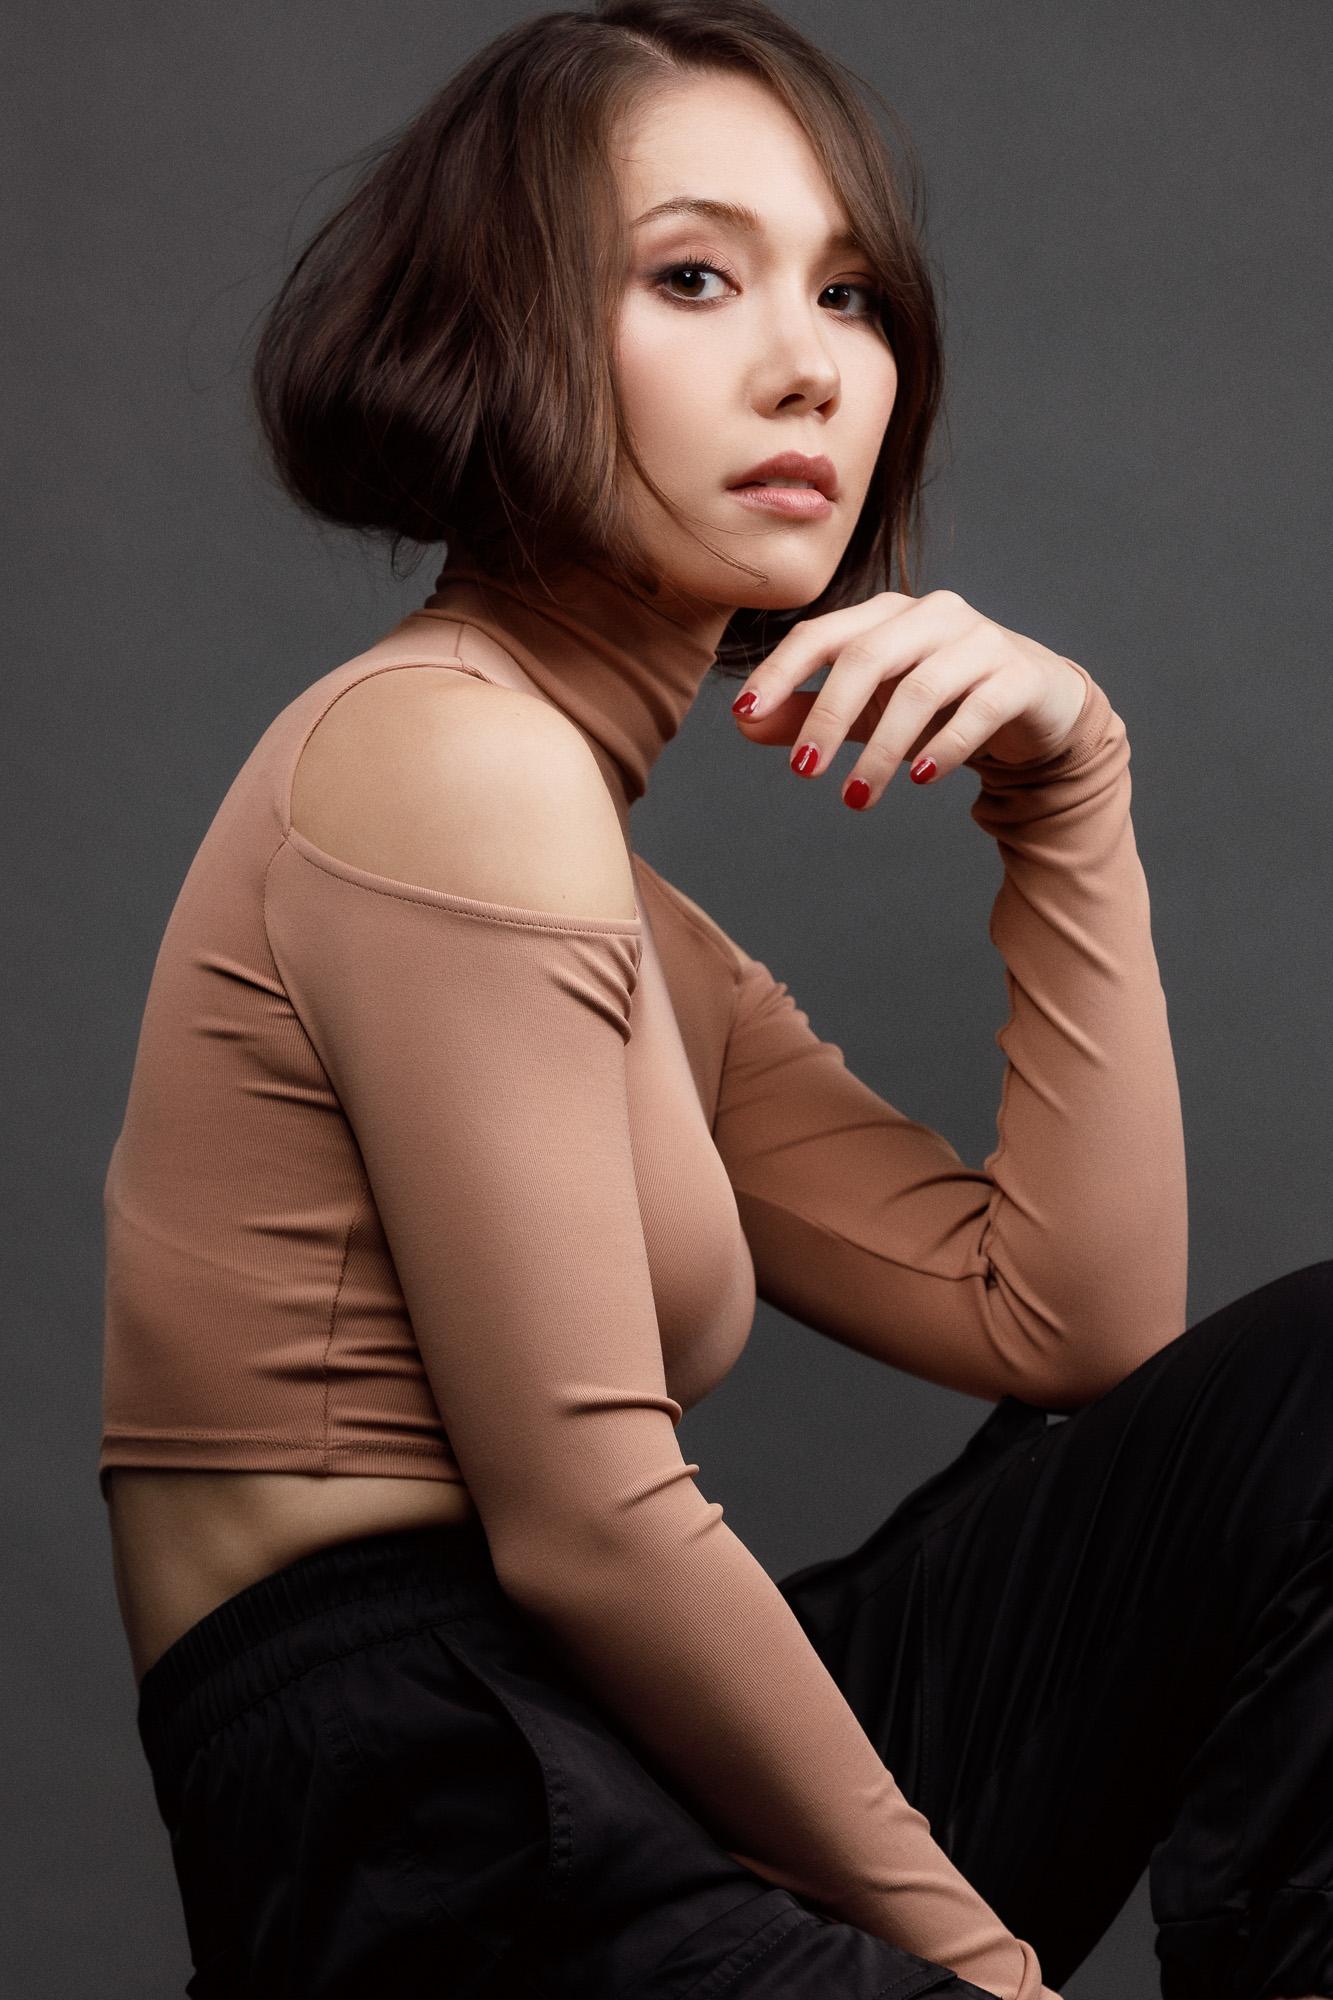 外国人モデル/外国人ナレーター・声優/外国人タレント・文化人 レミ・ダンカンの写真5